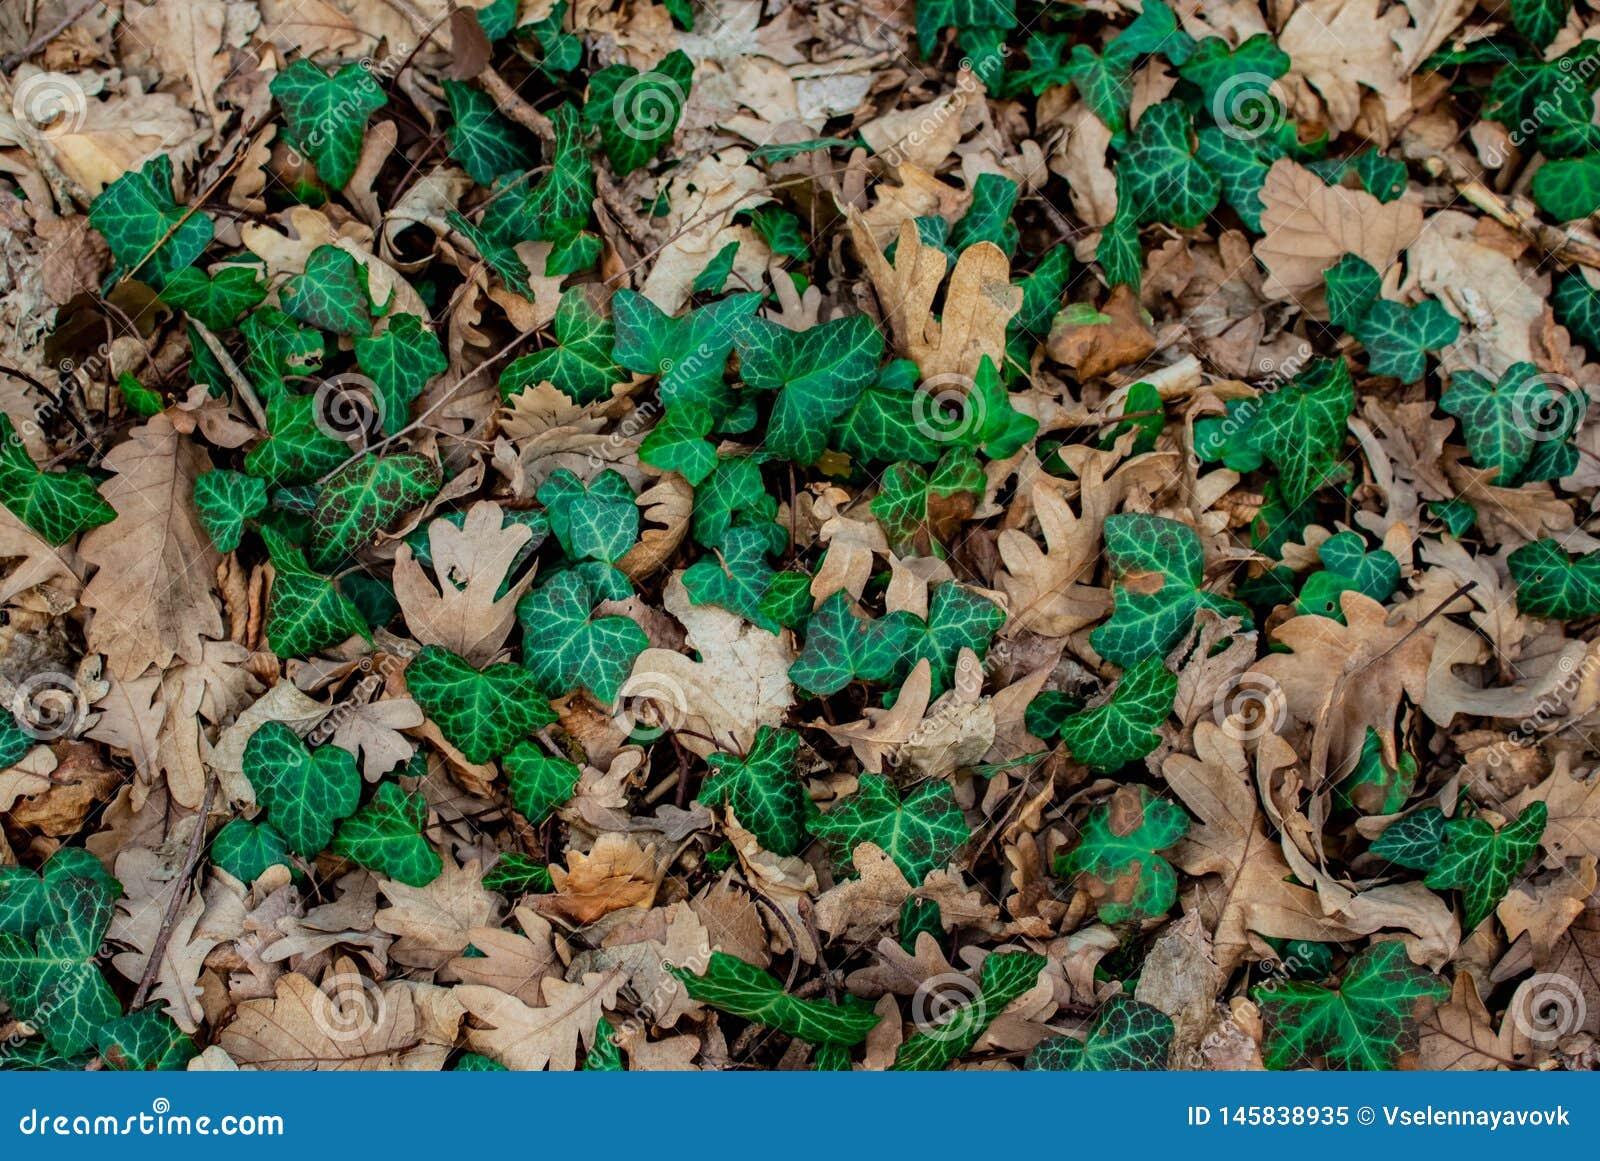 Liana verde de la hoja en hojas secas del roble